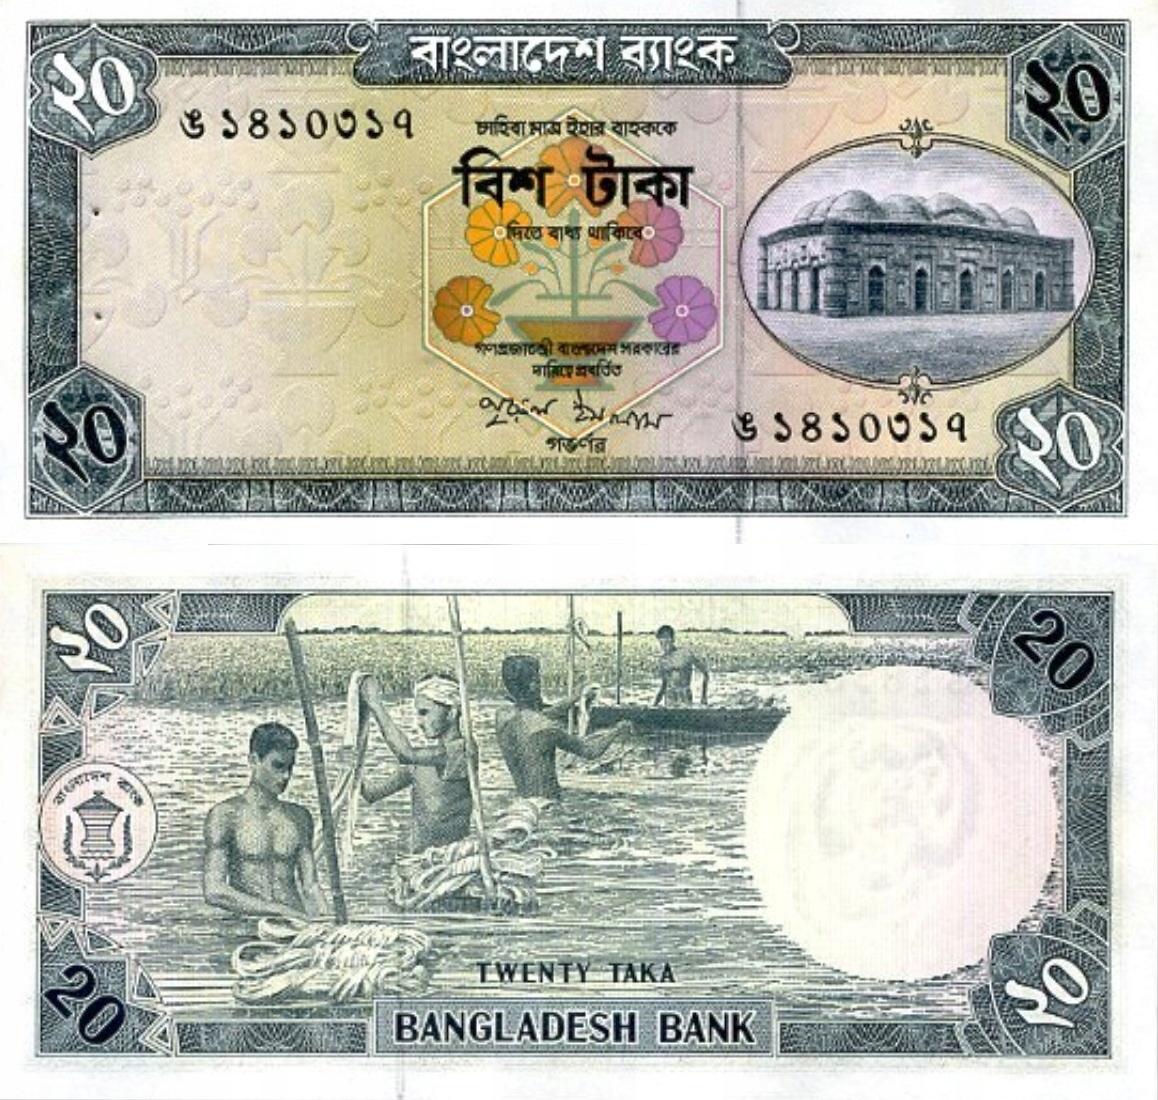 # BANGLADESZ - 20 TAKA - 1979 - P-22 - AU zszywka